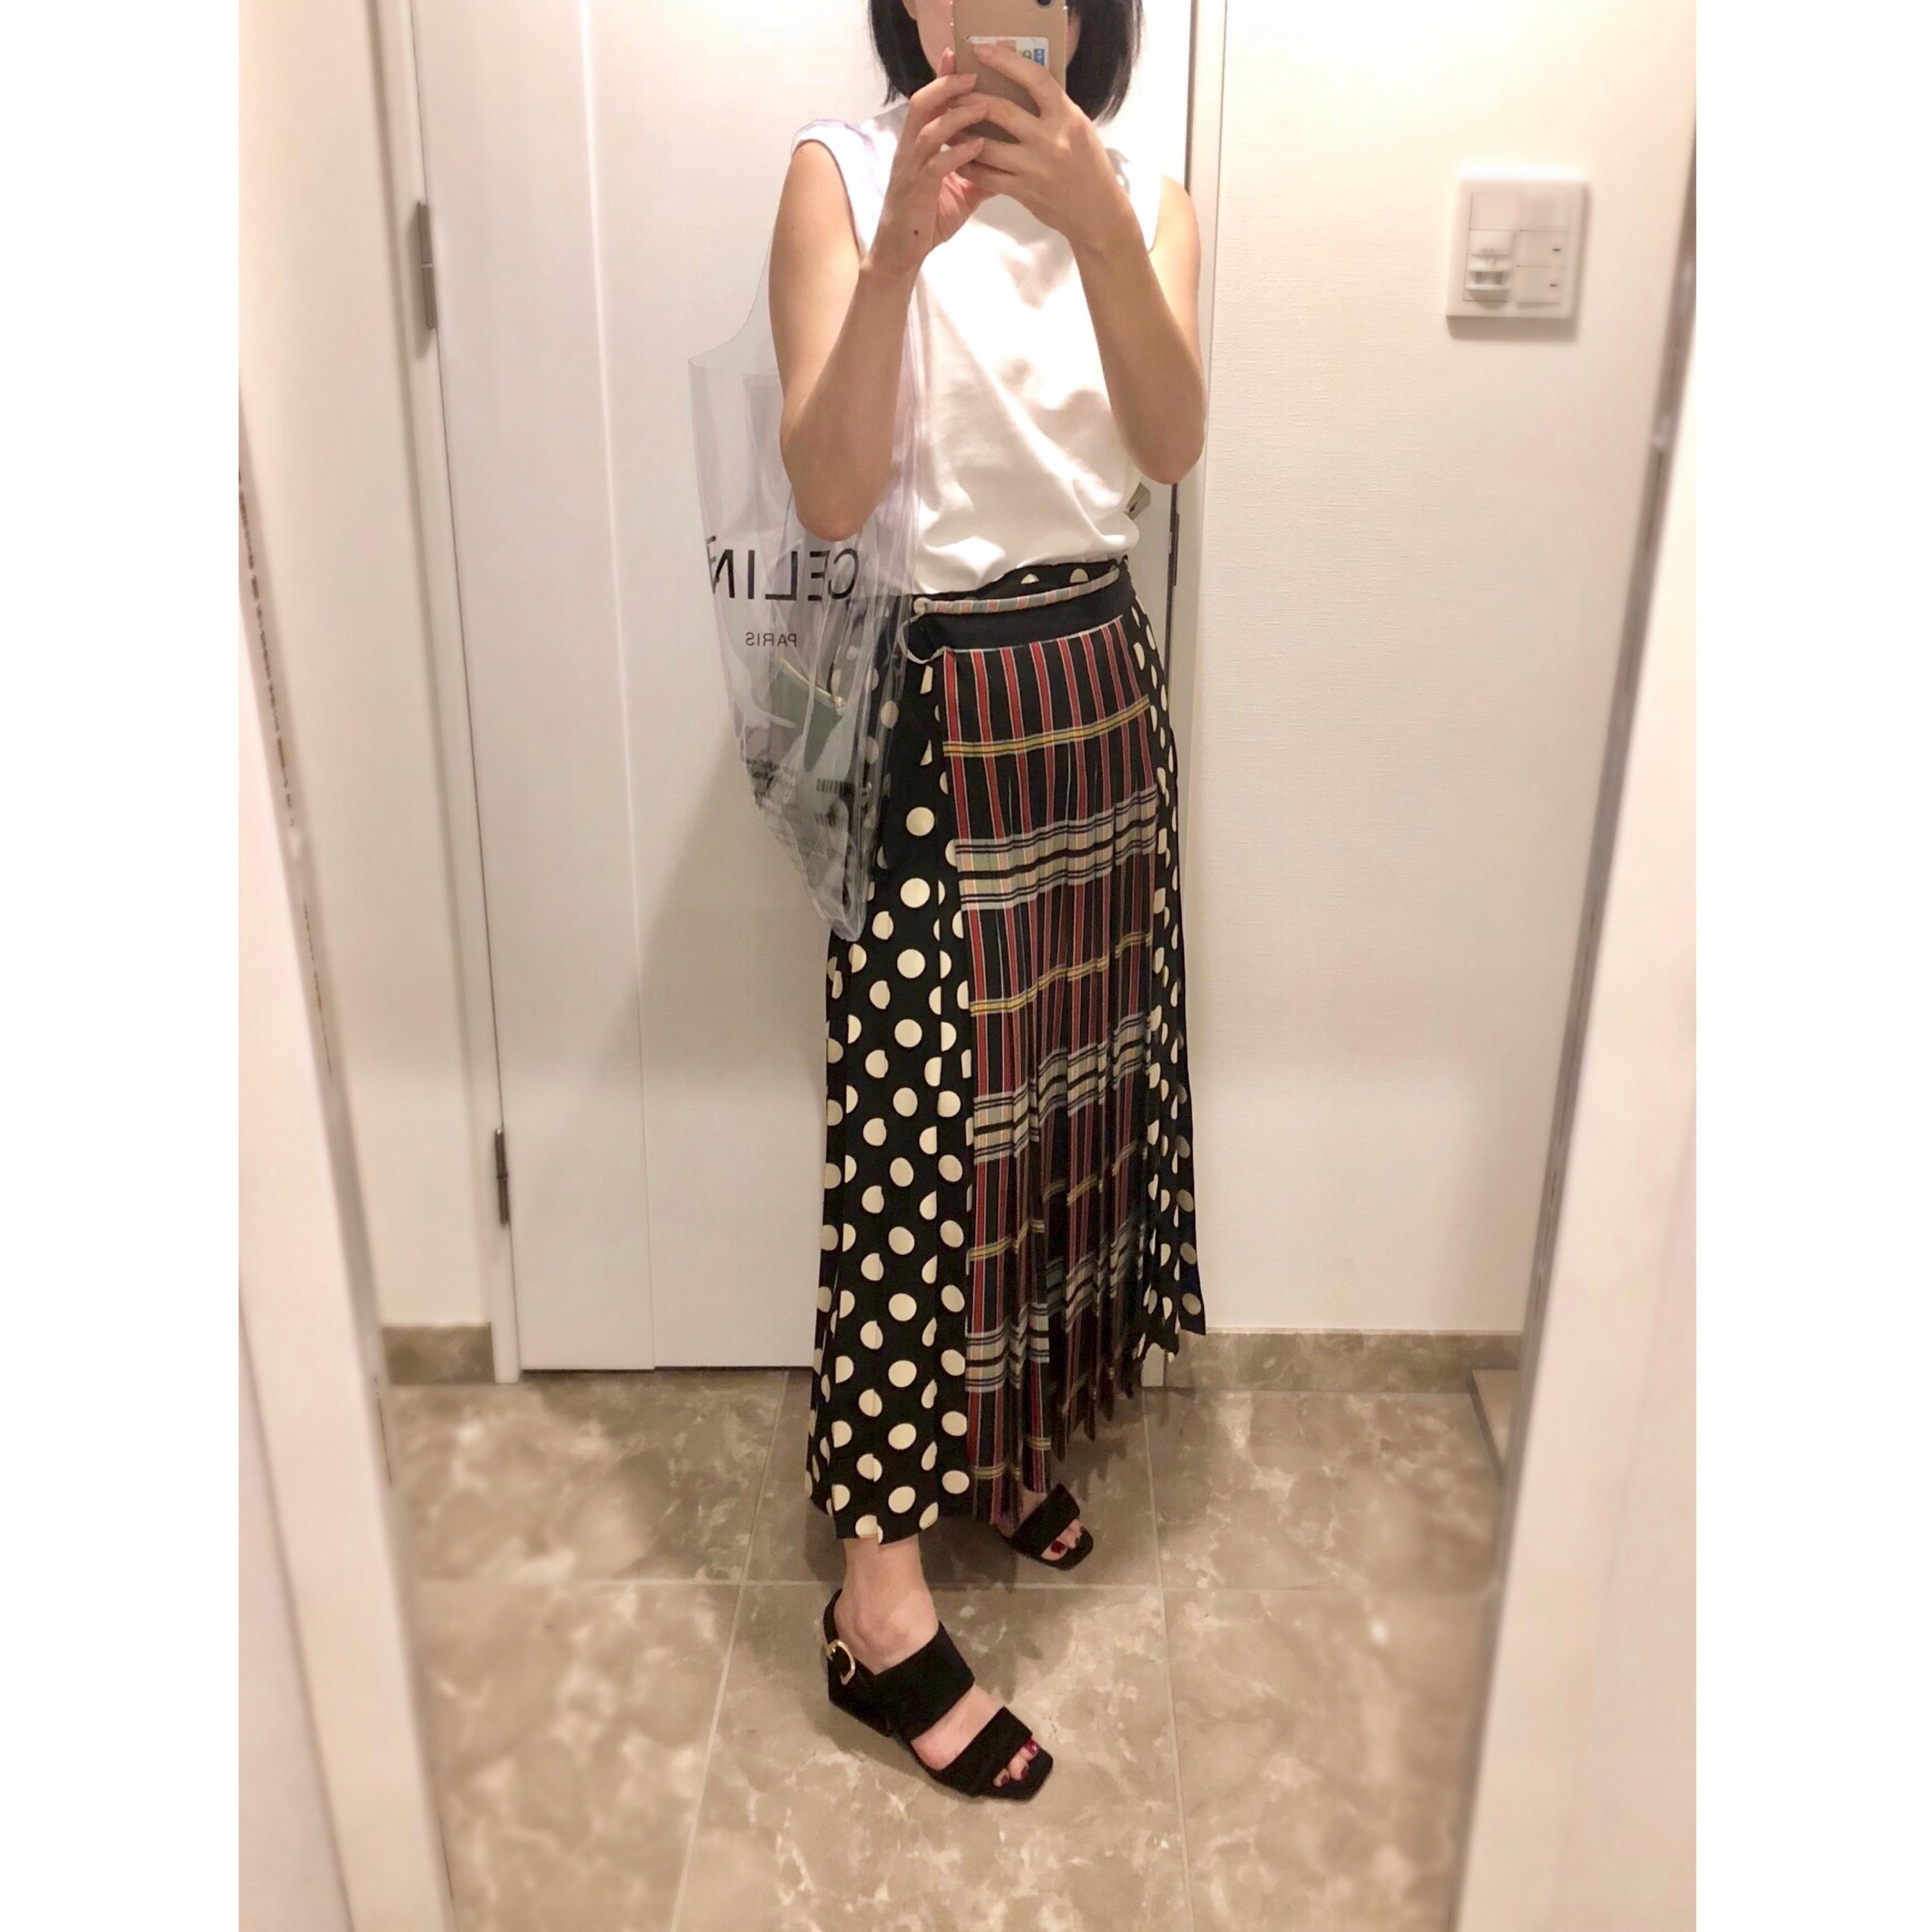 やっぱりスカートが大好き!プチプラから1点ものまでお気に入りの1枚【マリソル美女組ブログPICK UP】_1_1-2